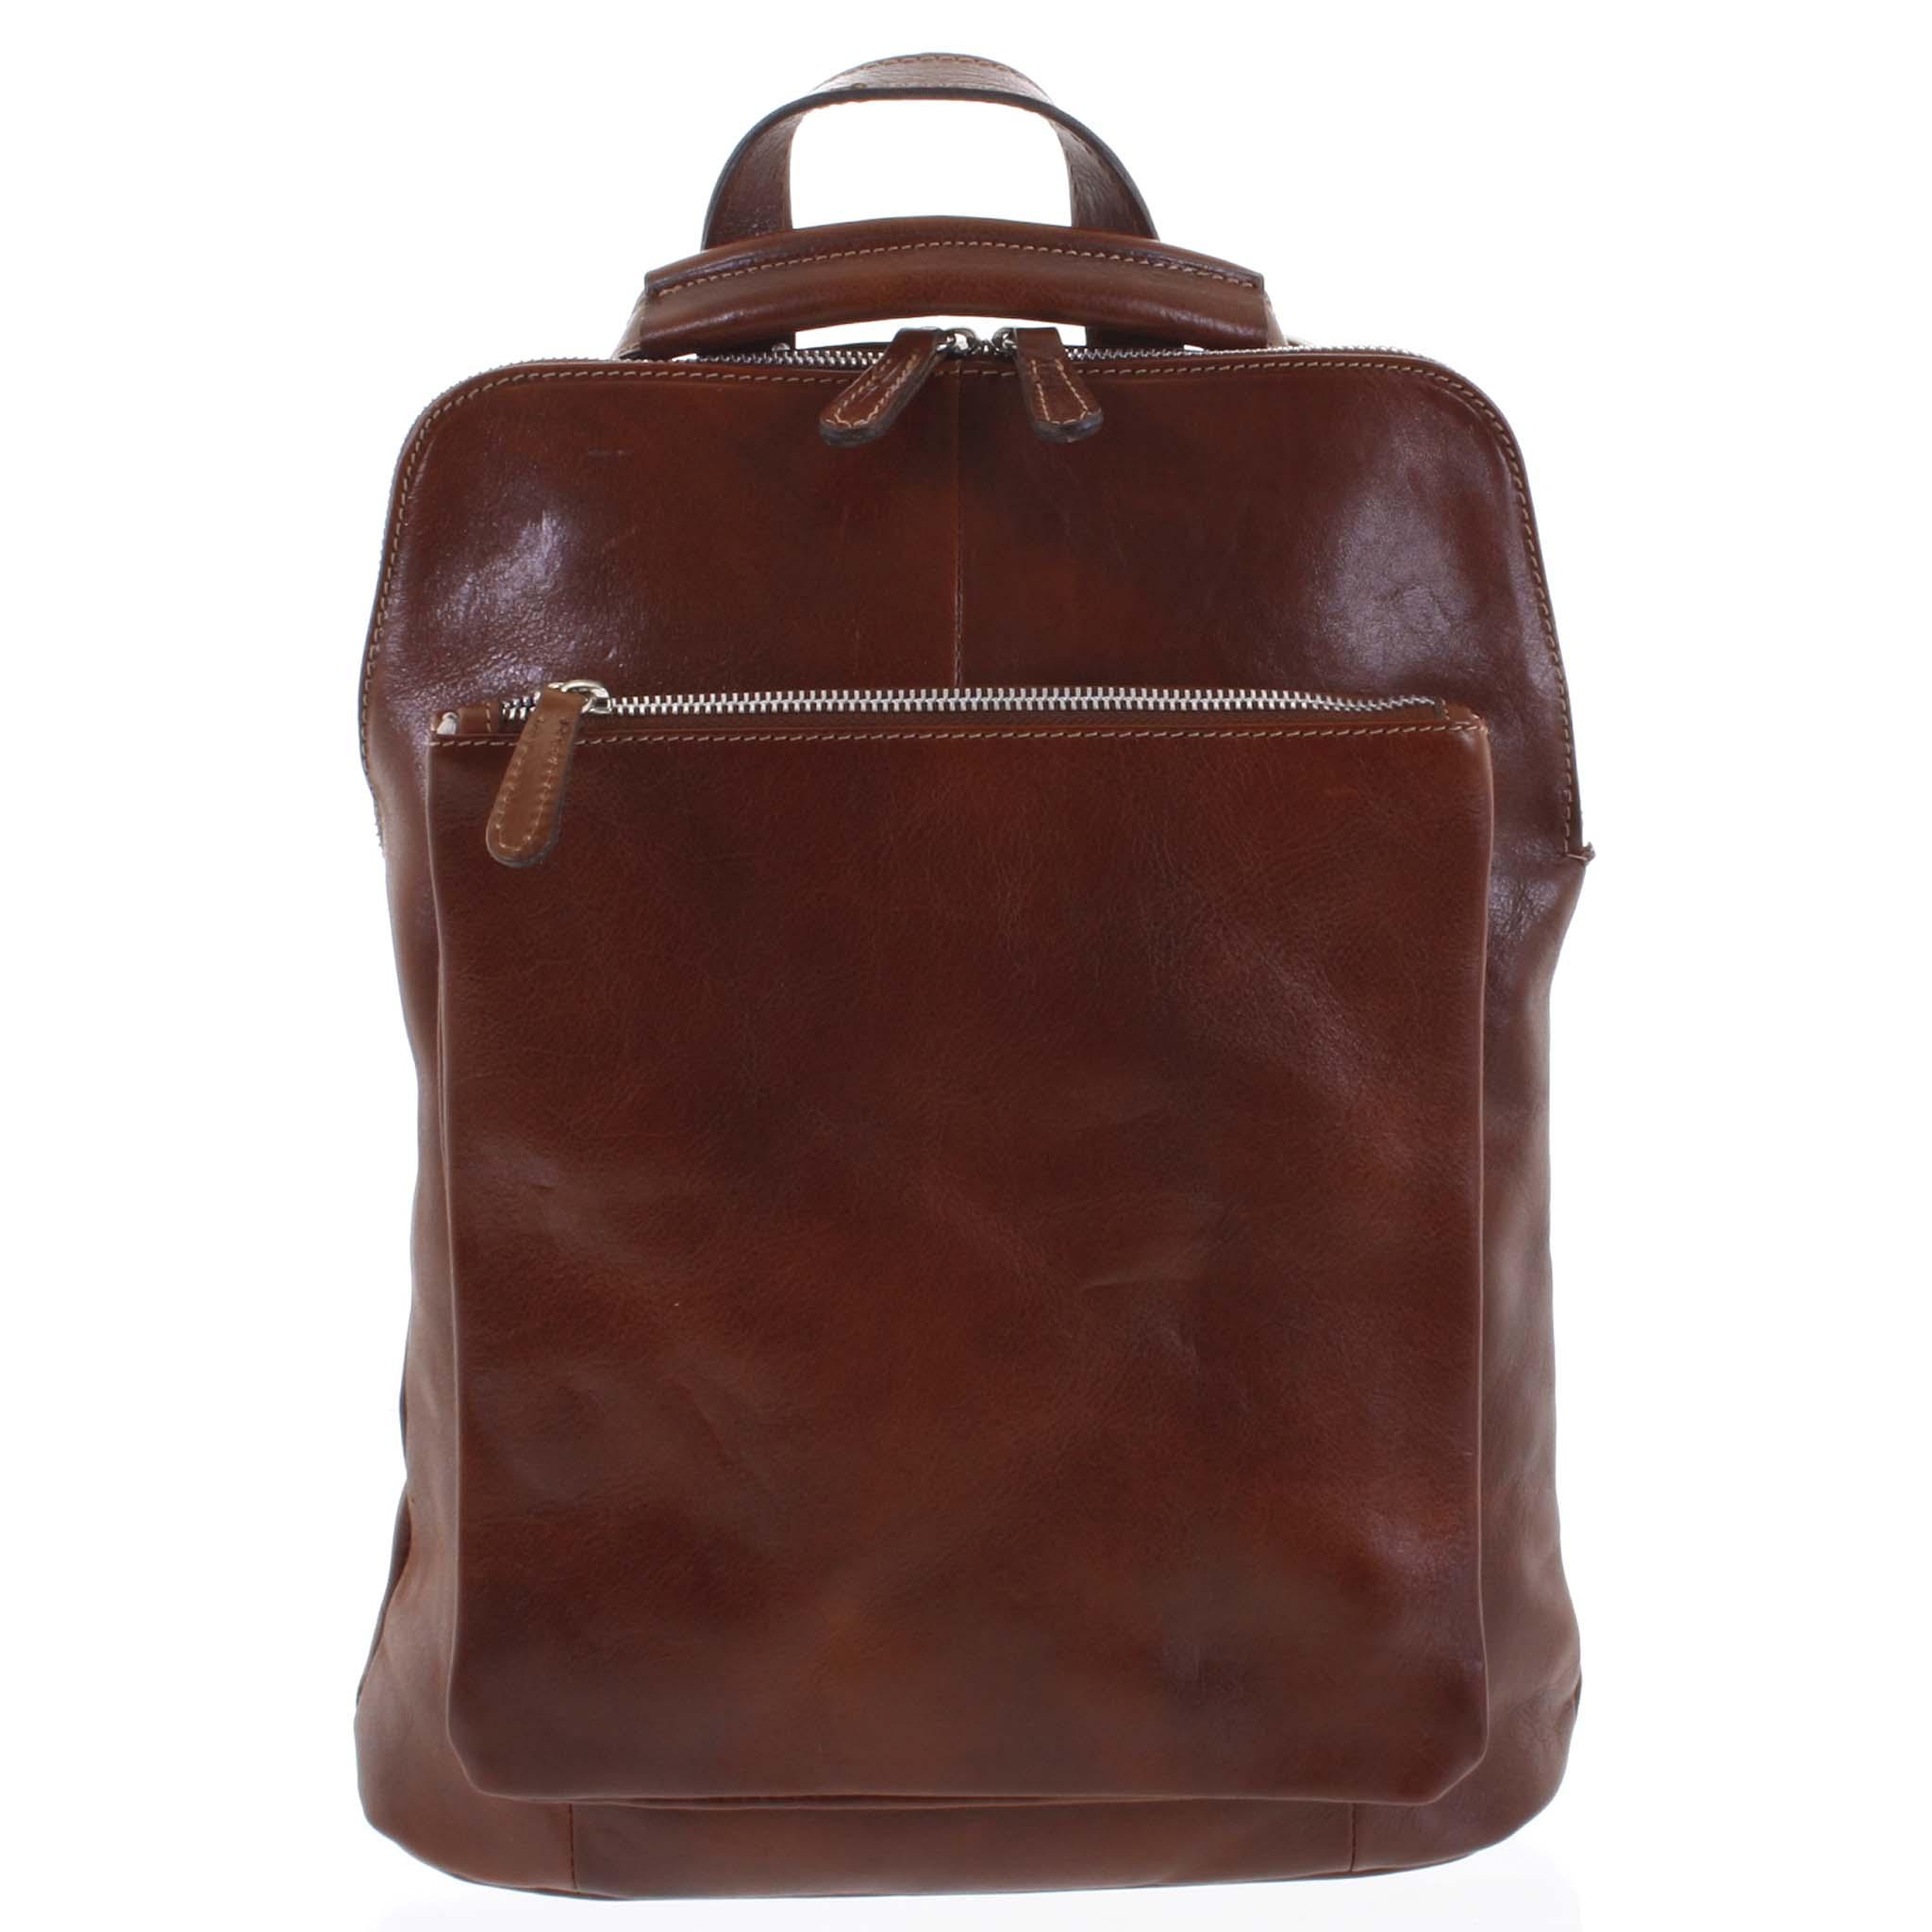 Dámský kožený batoh kabelka hnědý - ItalY Englidis